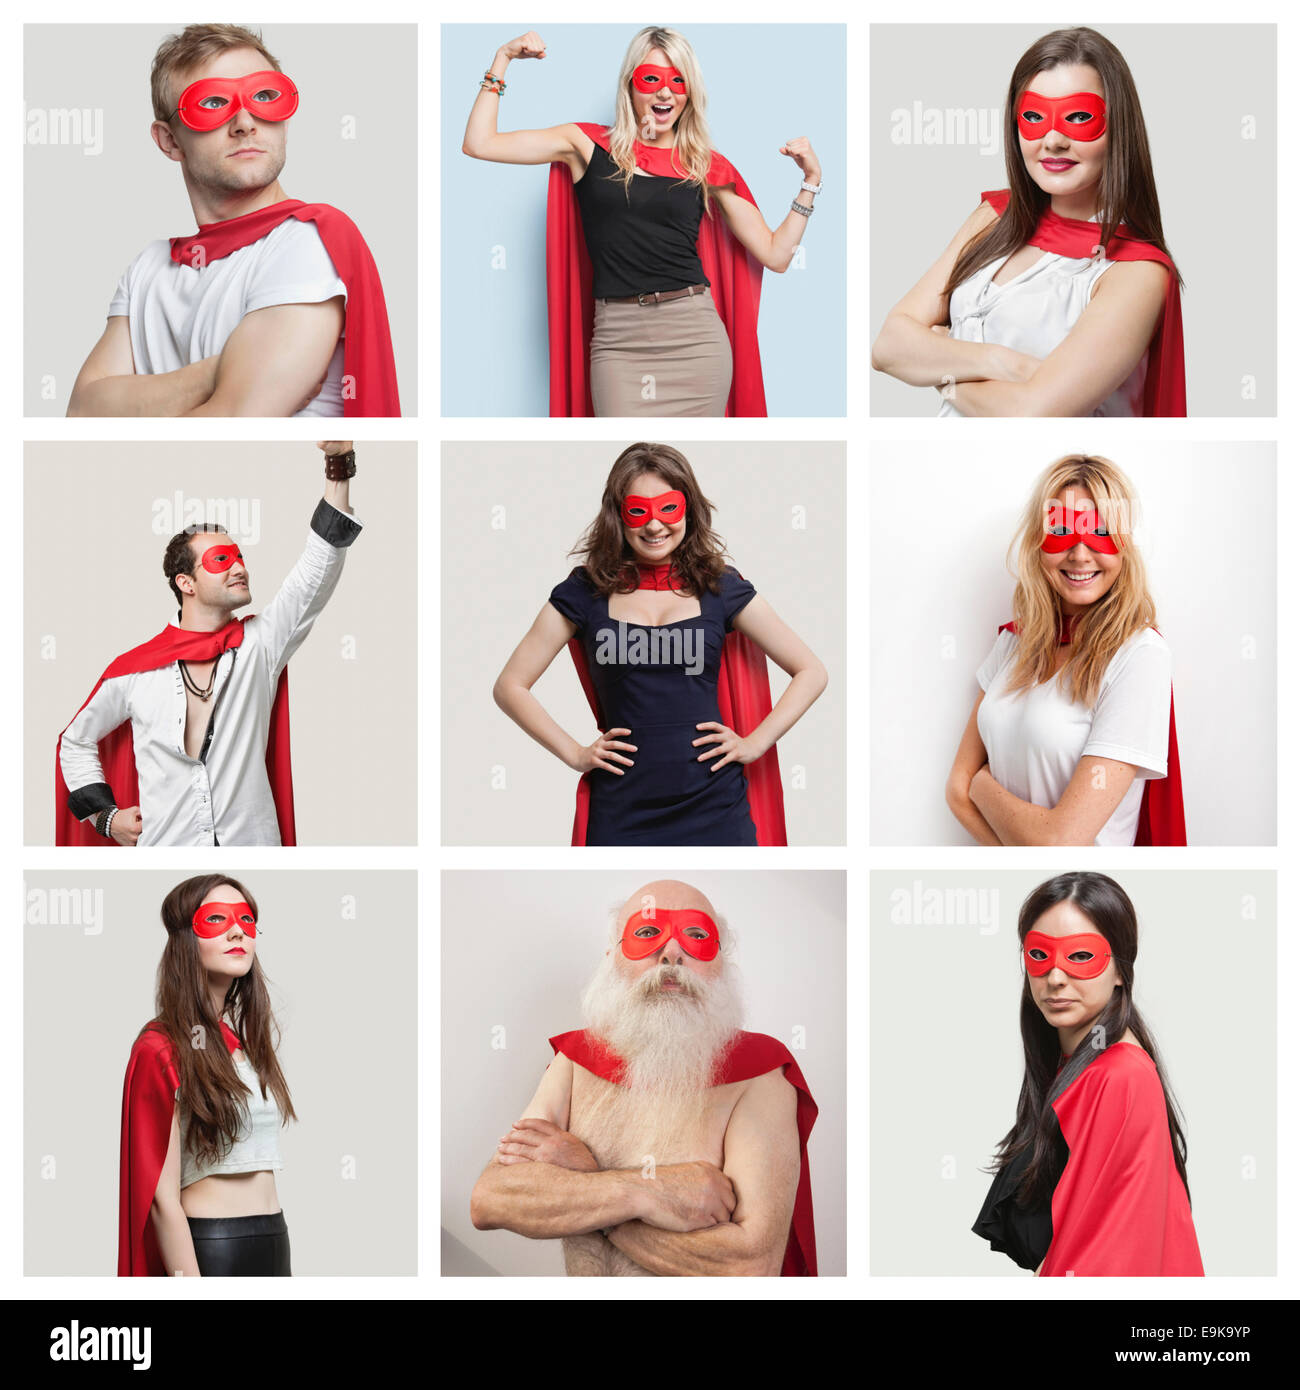 Collage de seguros de personas vestidas con trajes de superhéroe Imagen De Stock